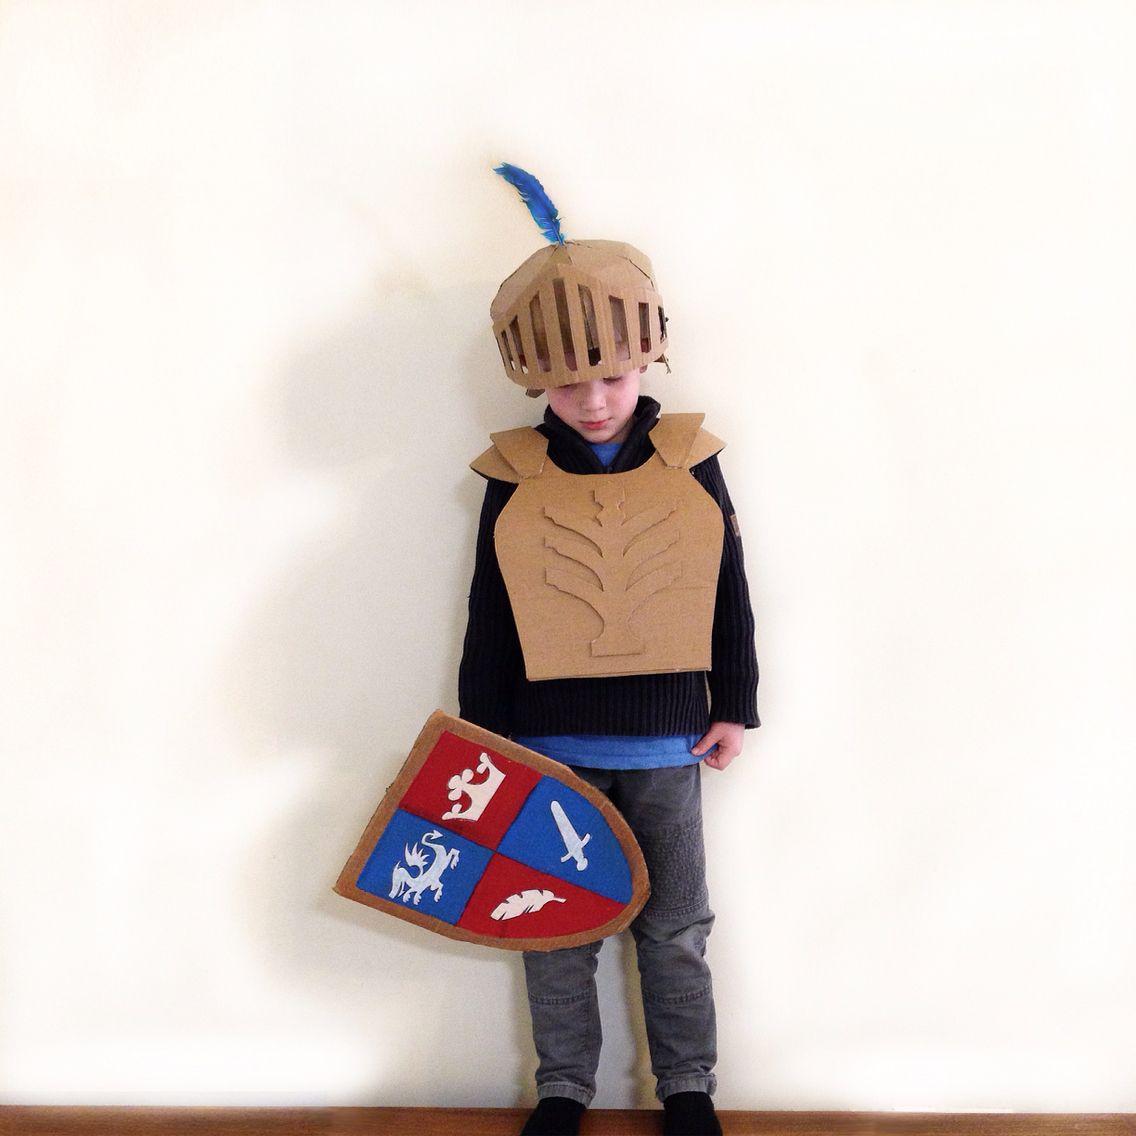 40+ Cardboard knight ideas in 2021